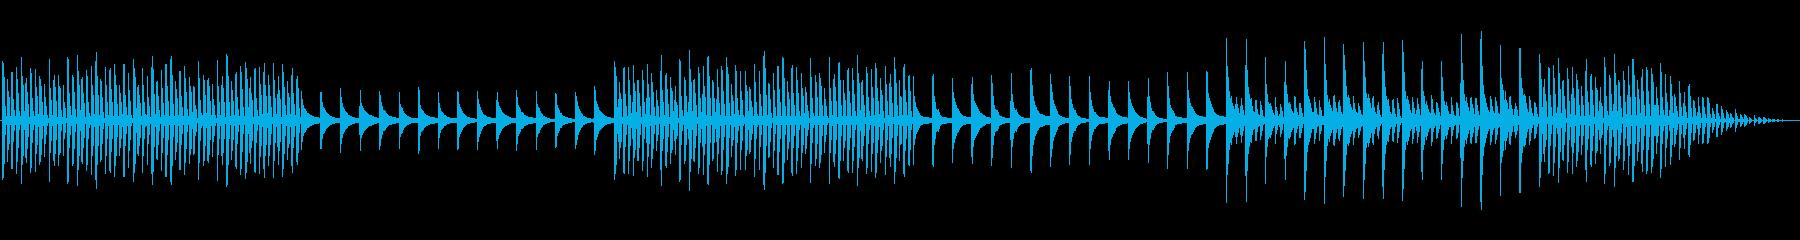 「自我の芽生え」漠然とした不安ピアノソロの再生済みの波形